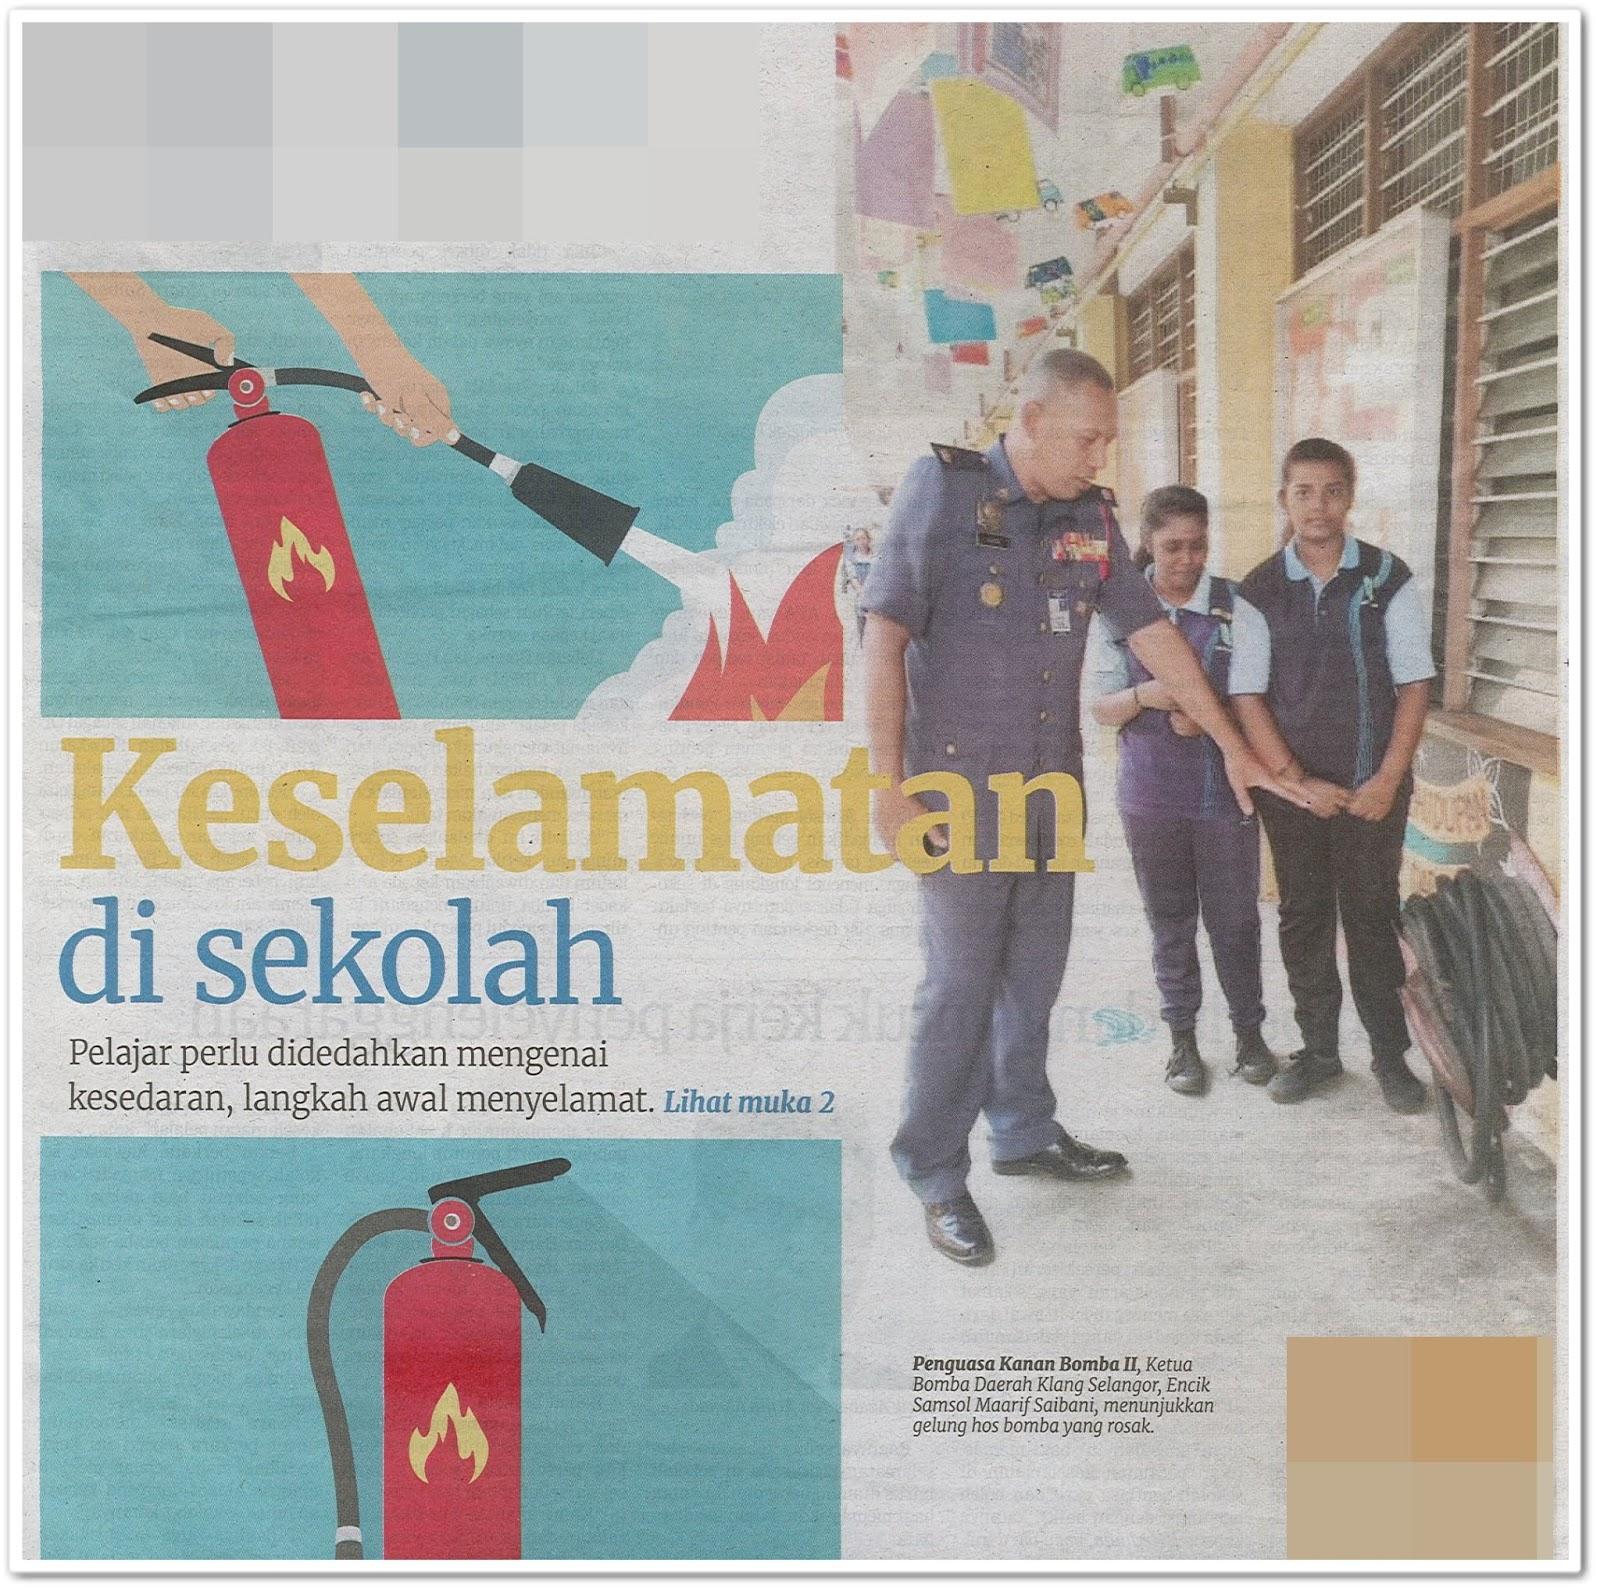 Keselamatan di sekolah - Keratan akhbar Berita Harian 27 Ogos 2019